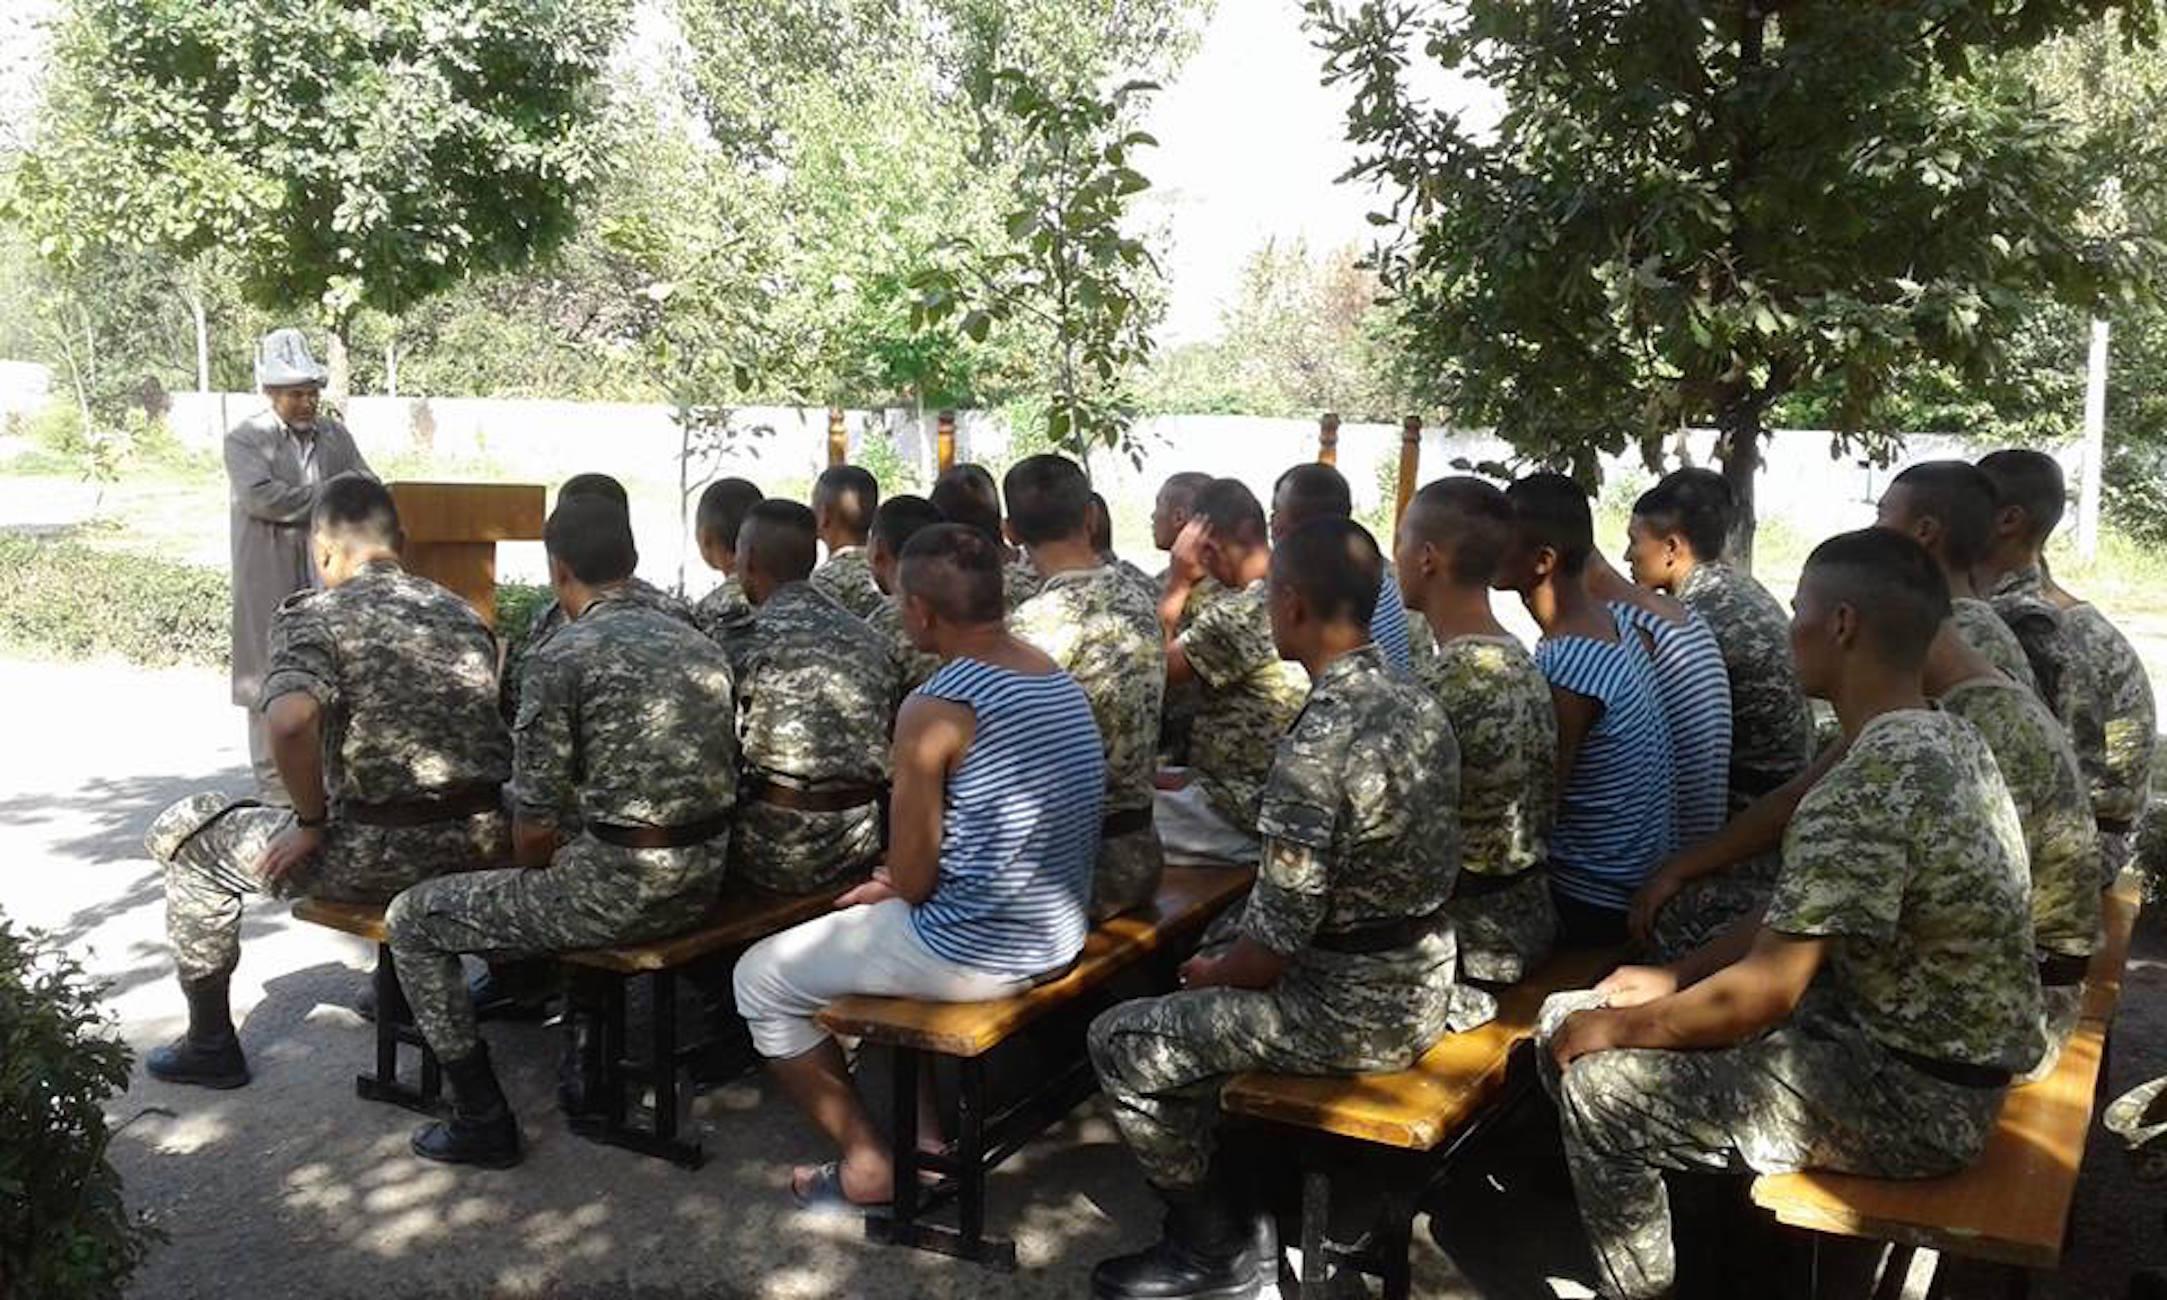 В Бишкеке задержан подозреваемый в терроризме